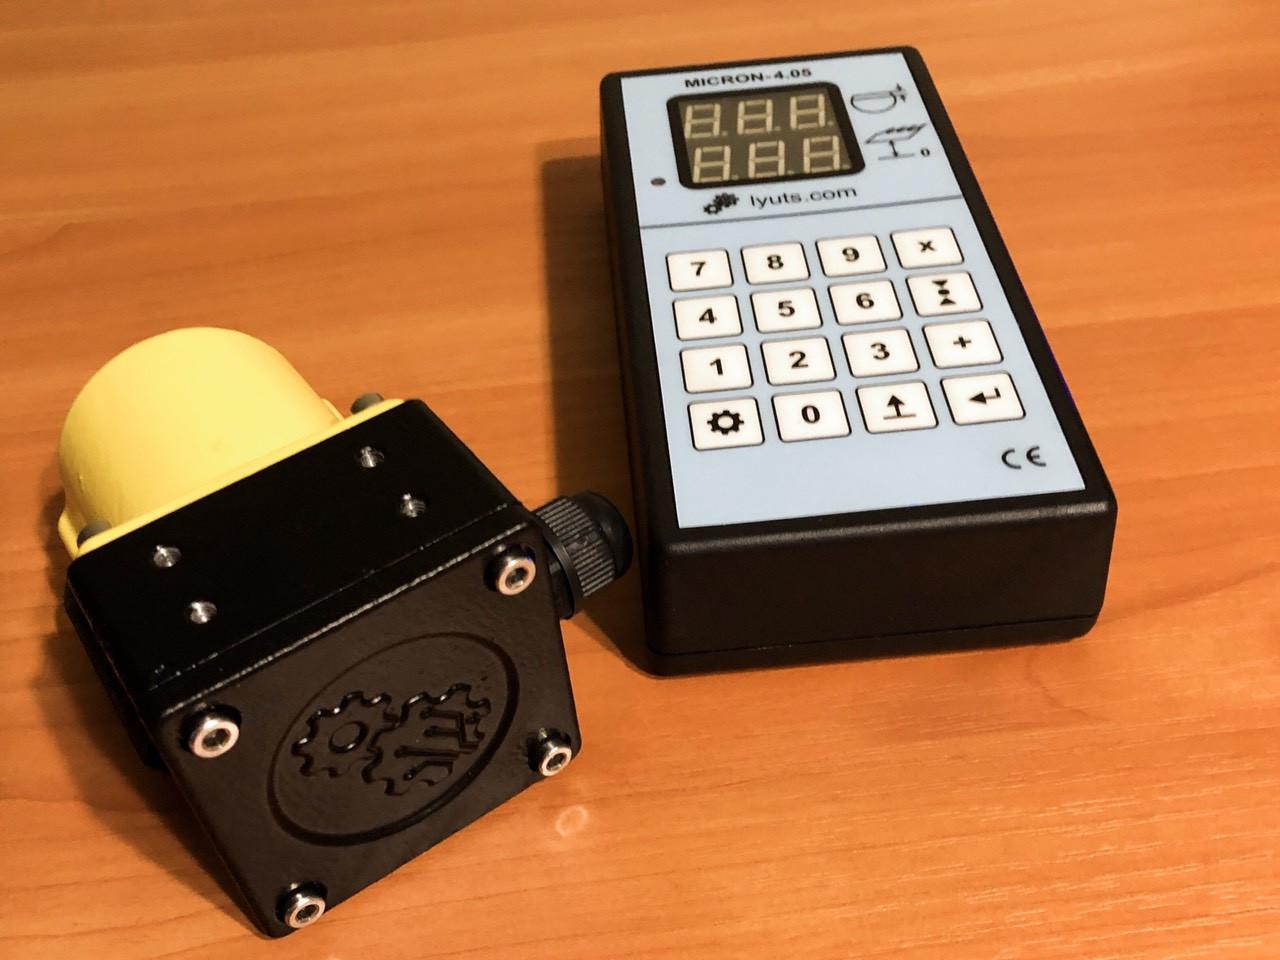 """Електронна лінійка на пилораму """"Micron-4.05"""" + PRT-300 датчик"""